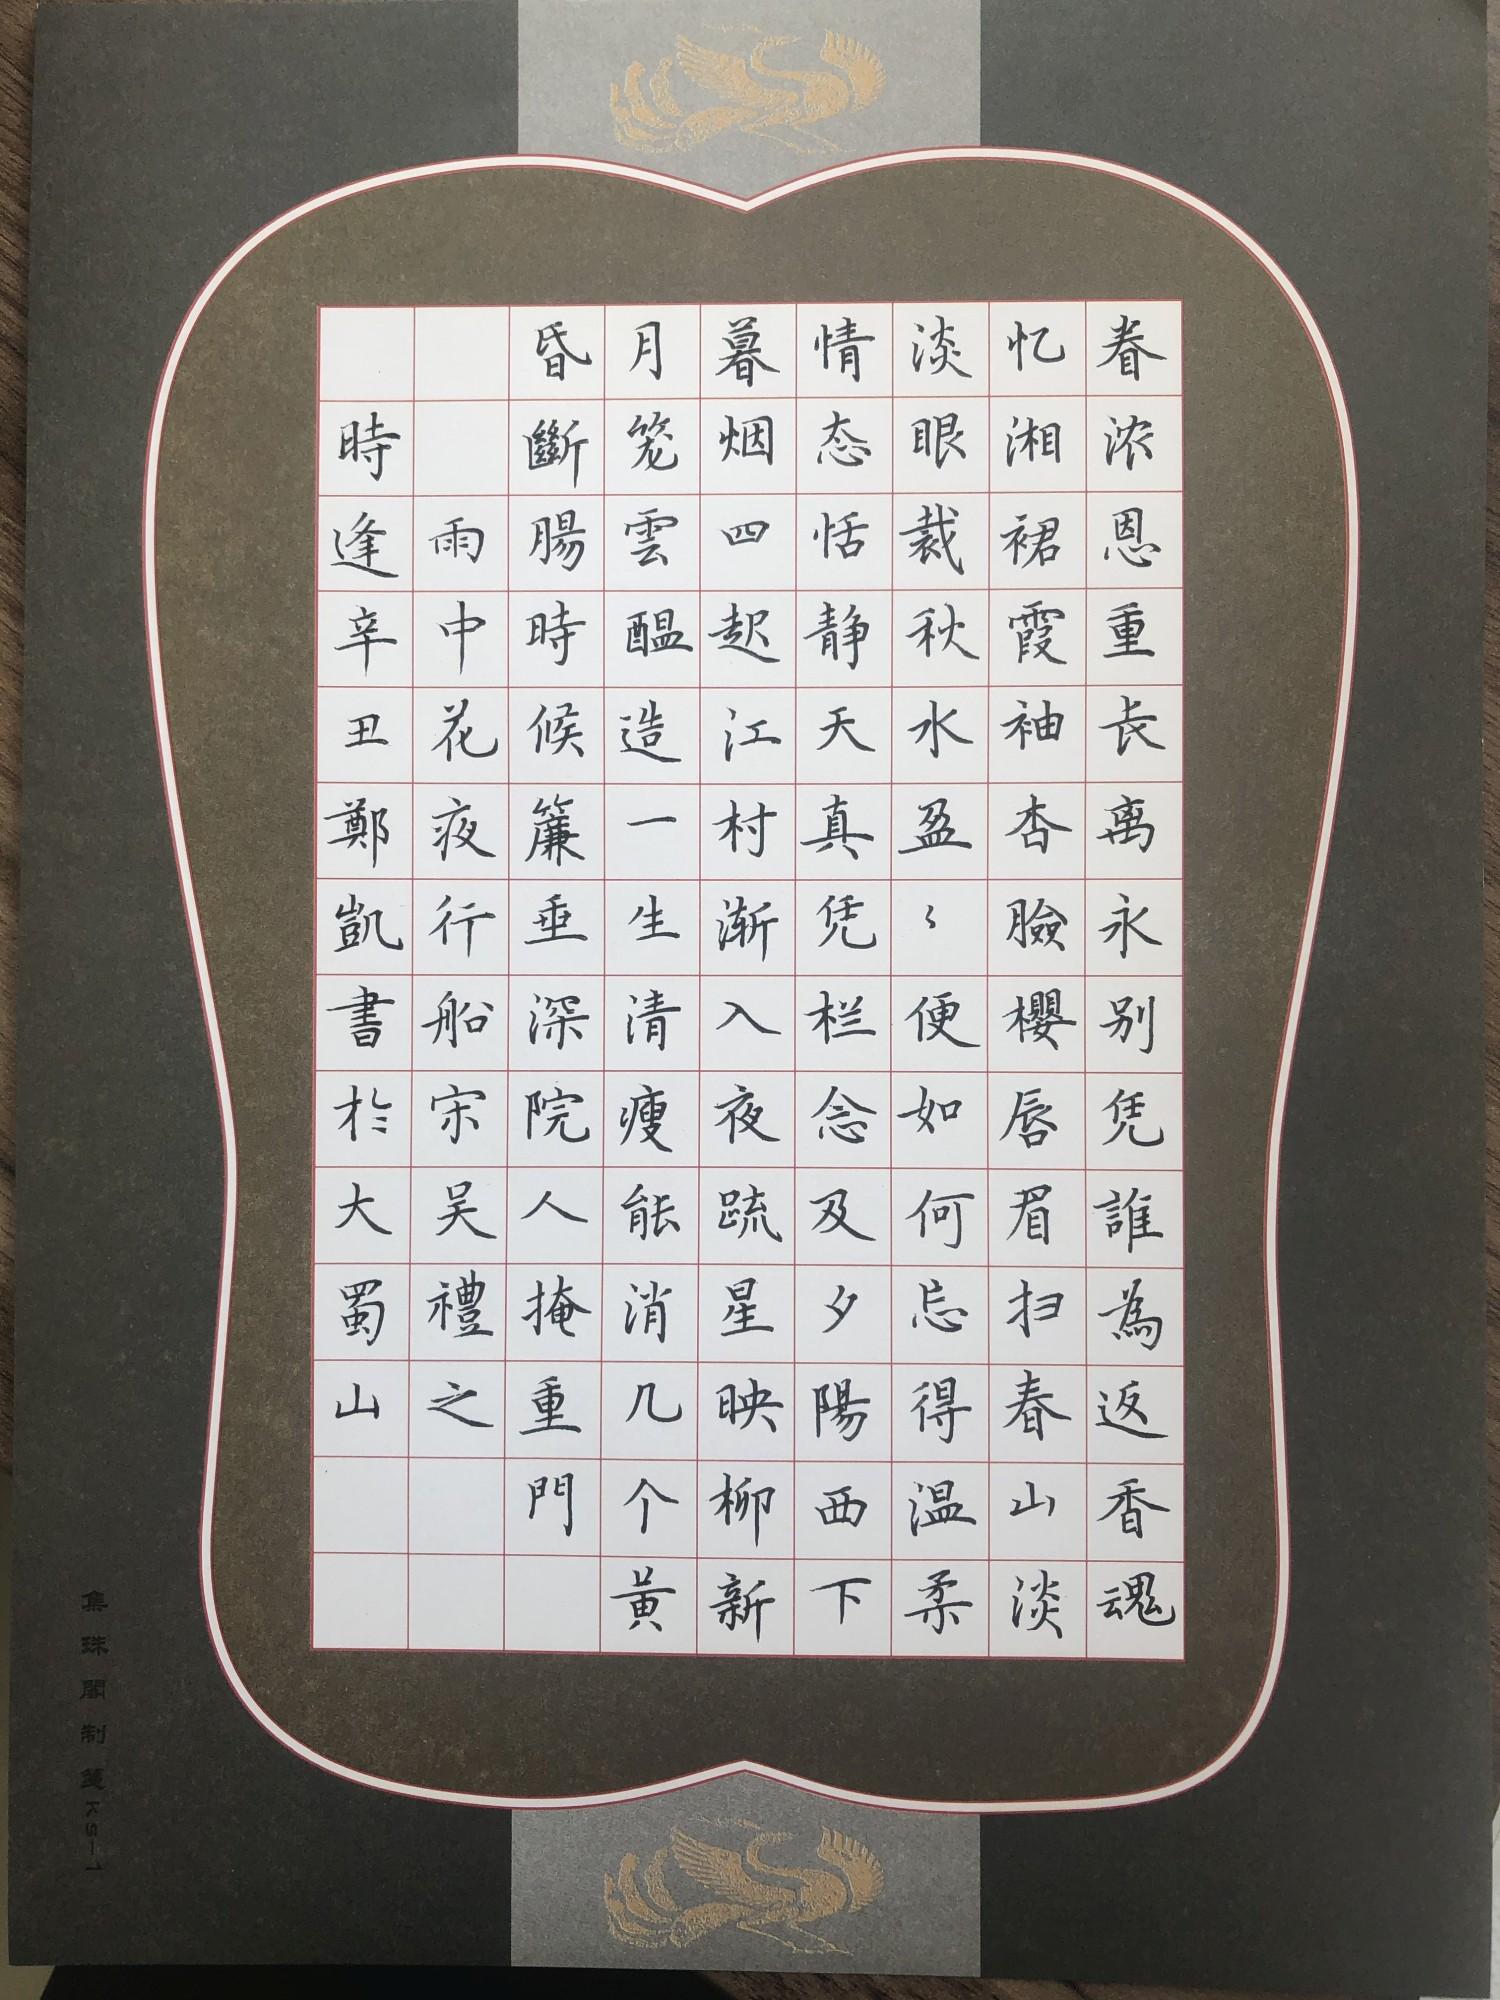 钢笔书法练字打卡20210518-28